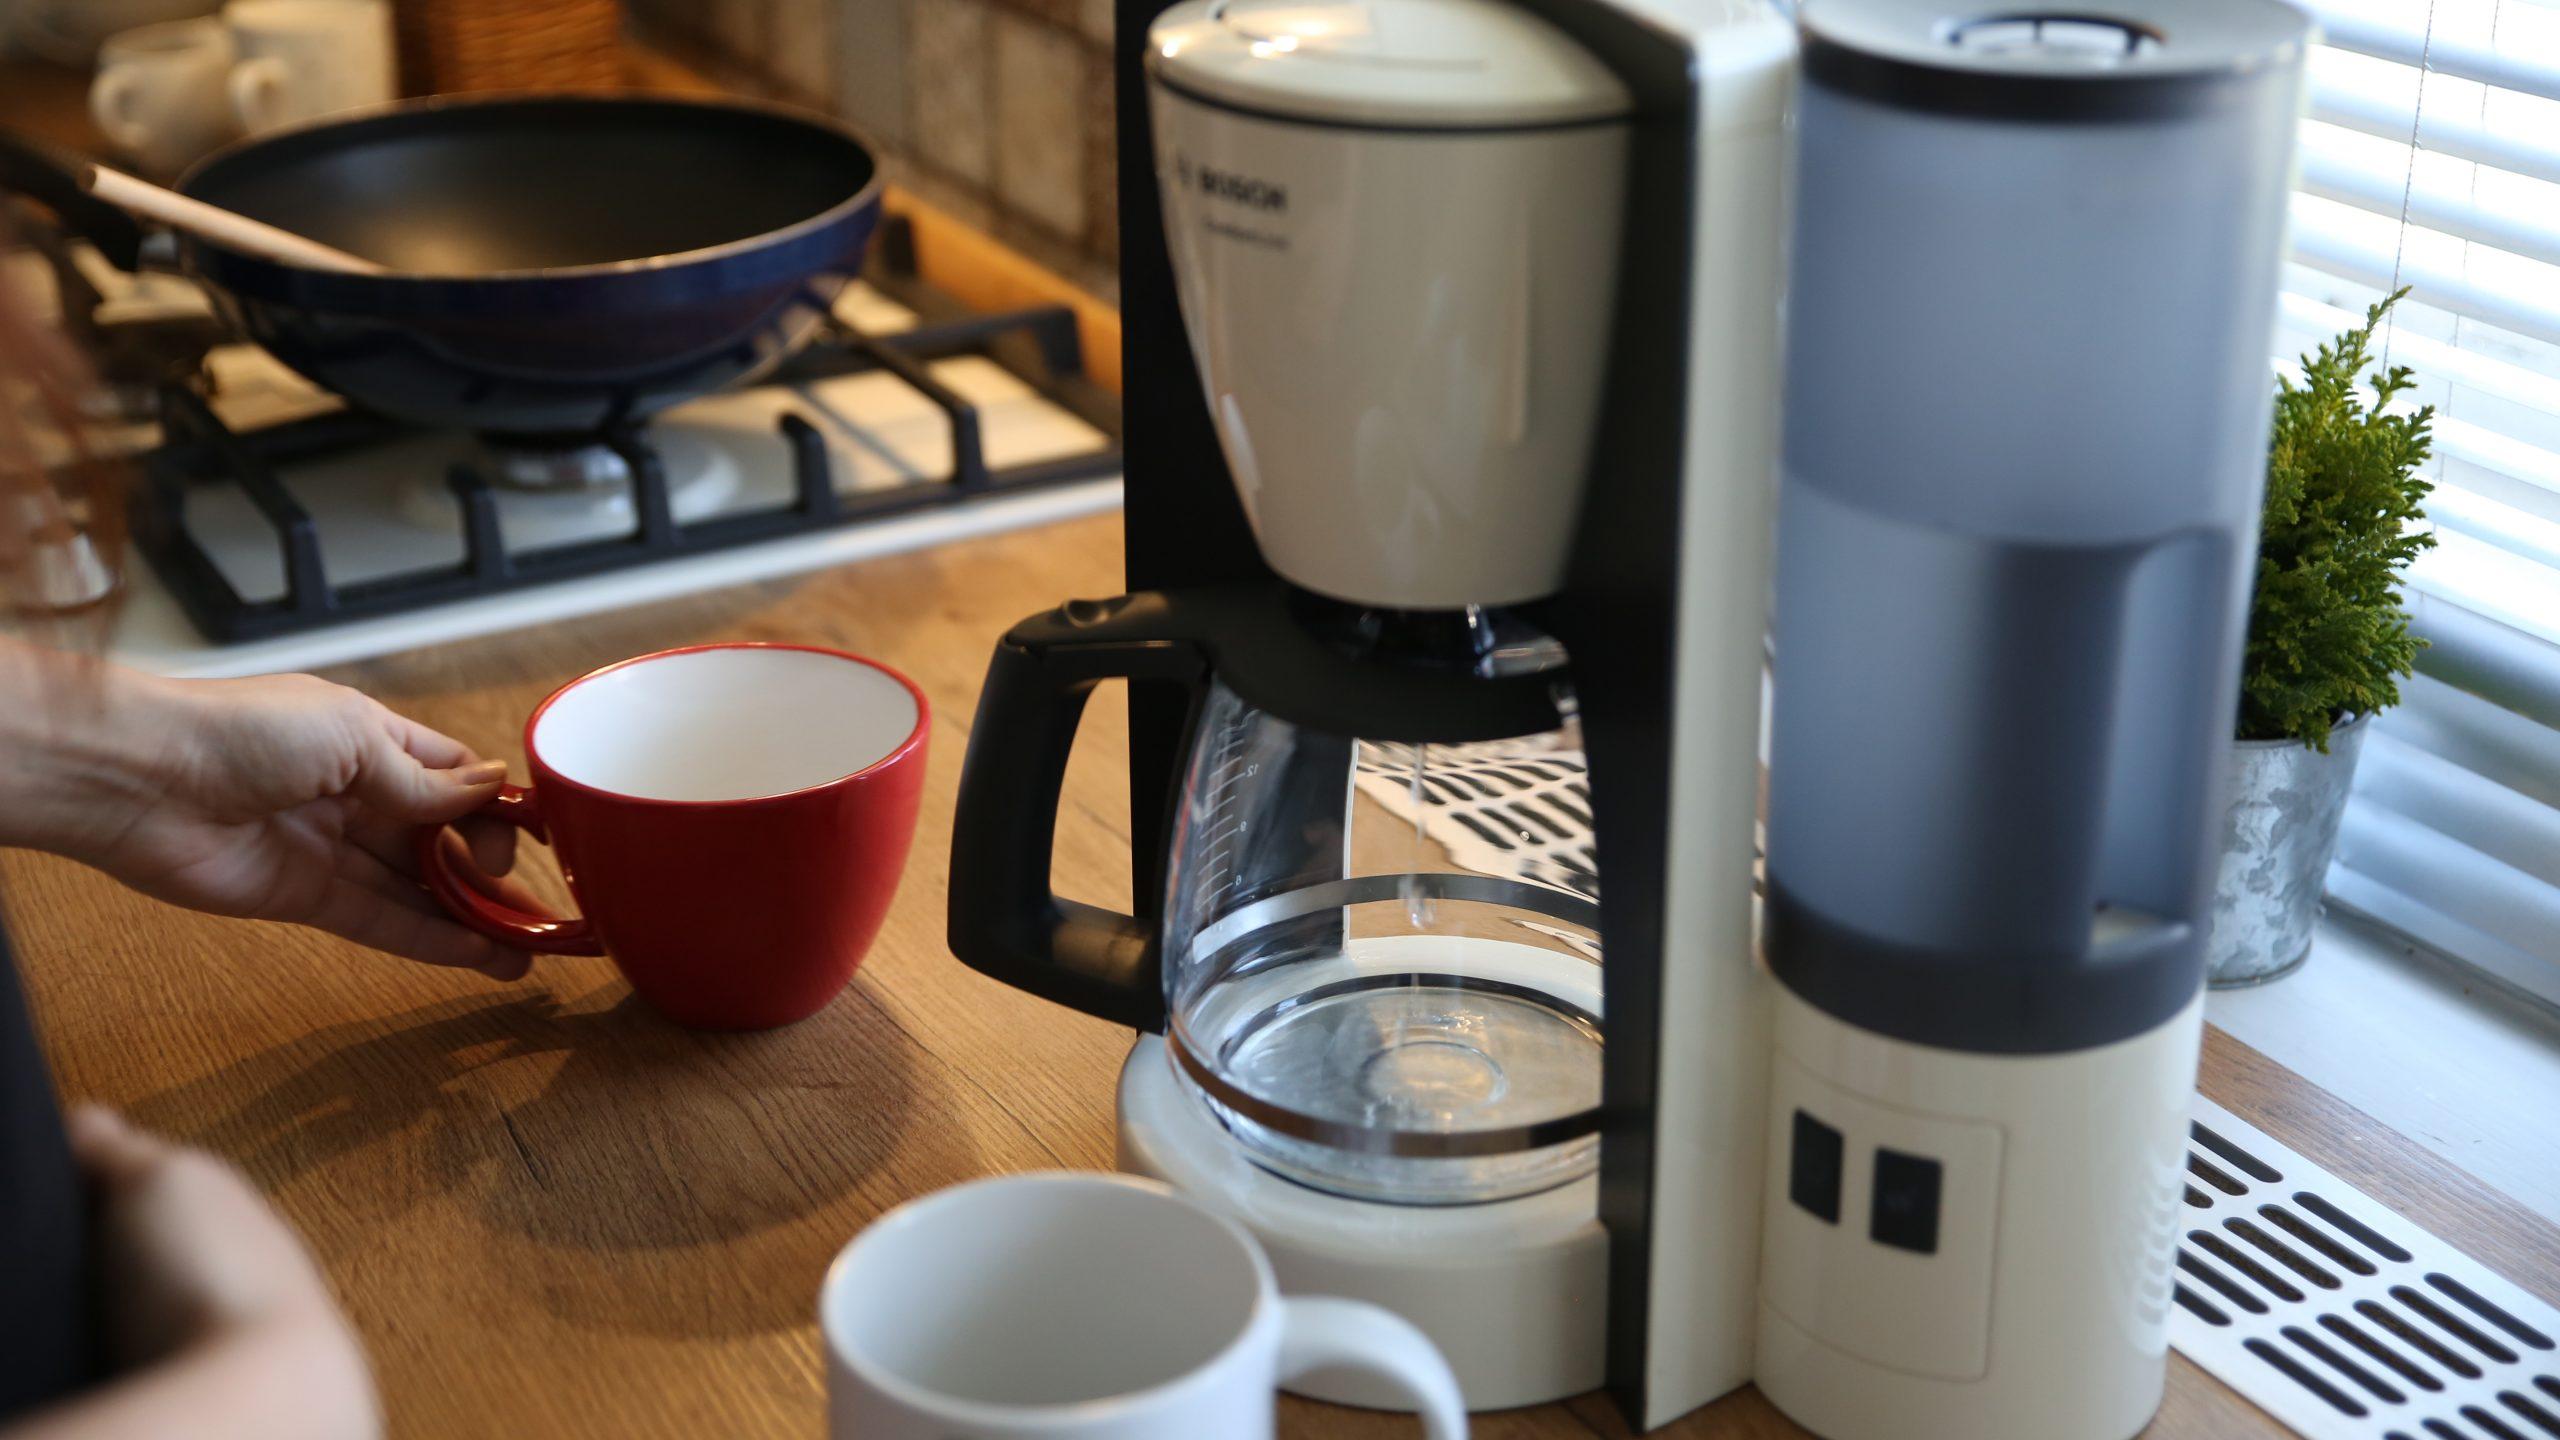 Előmelegítés és kávéőrlés